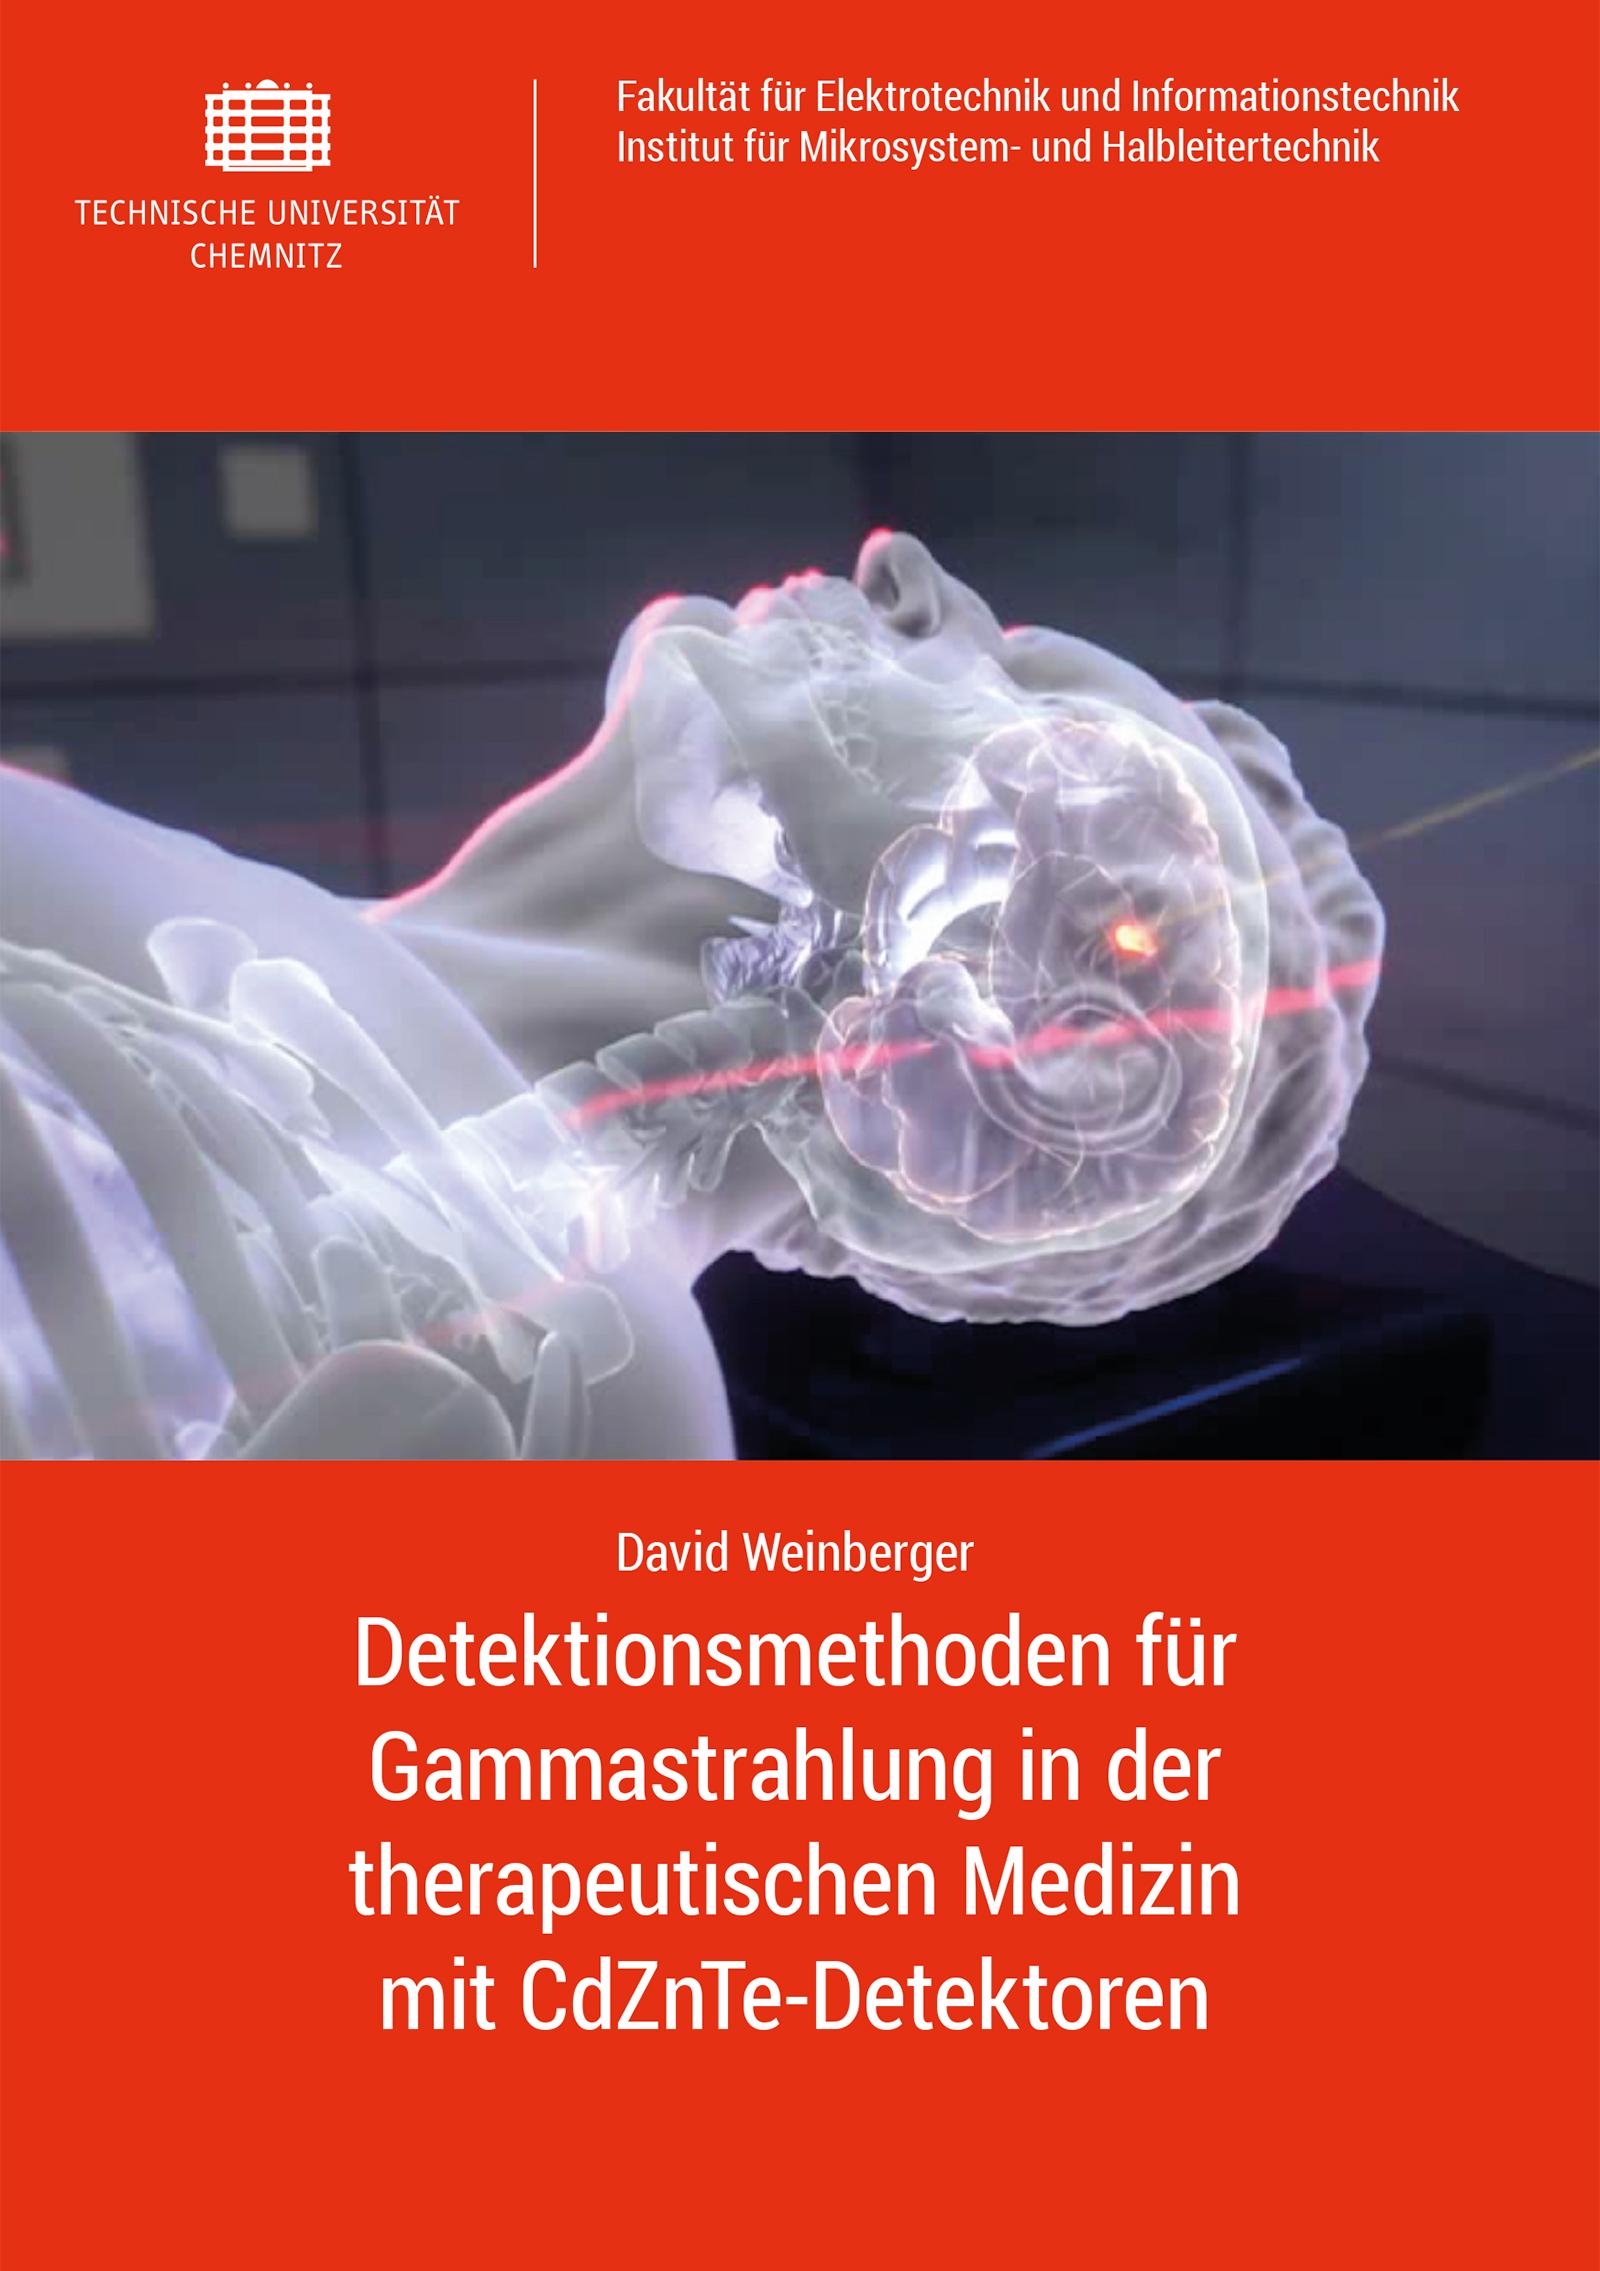 Cover: Detektionsmethoden für Gammastrahlung in der therapeutischen Medizin mit CdZnTe-Detektoren